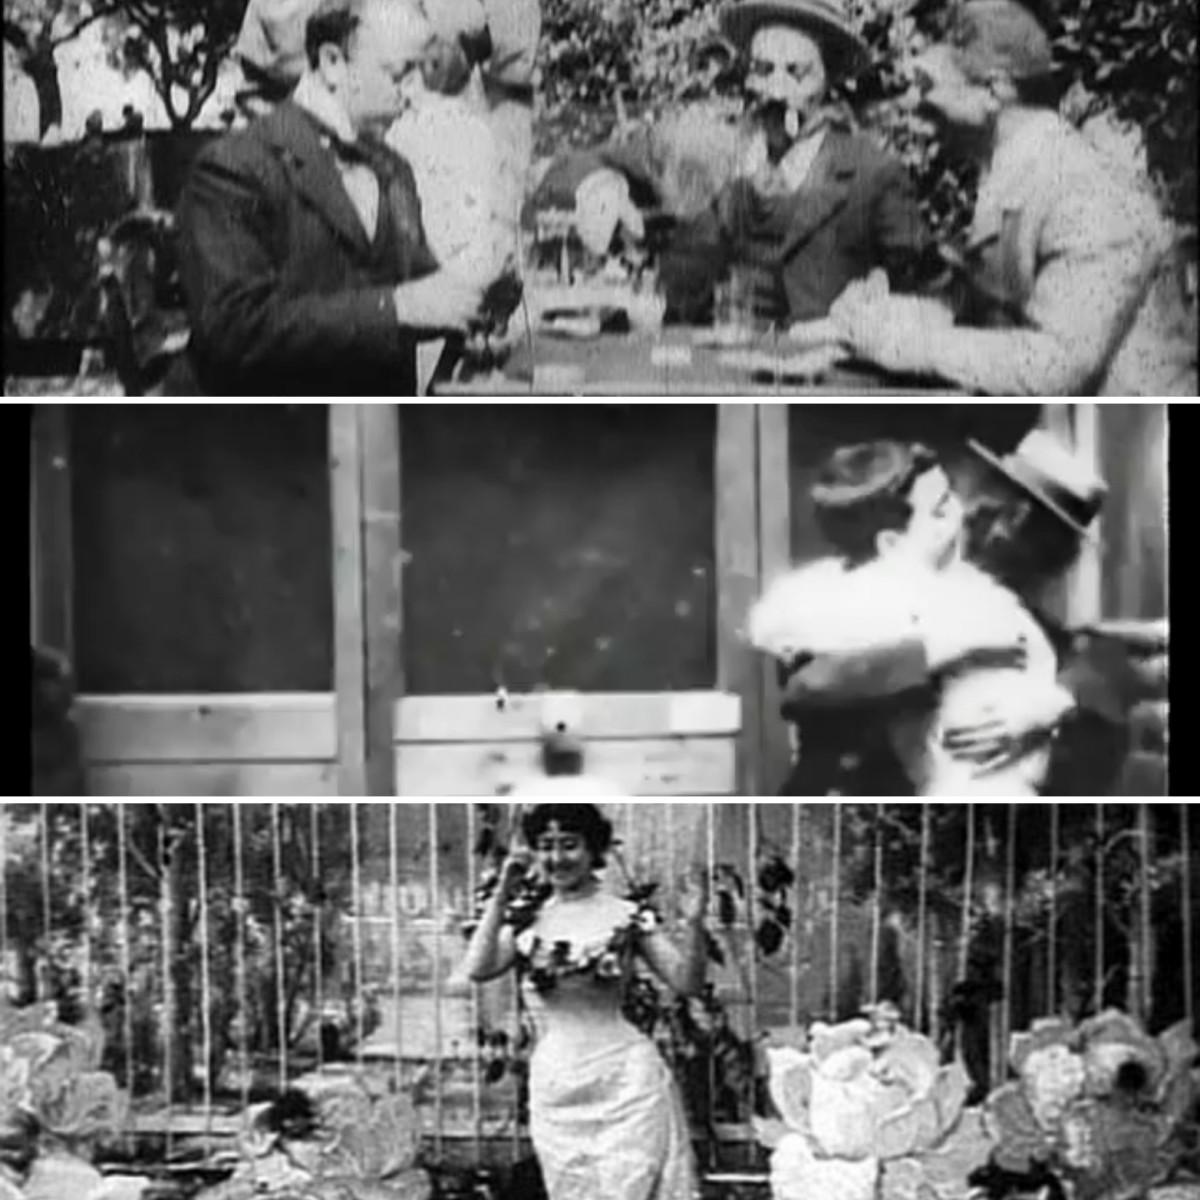 Stills from various remade films